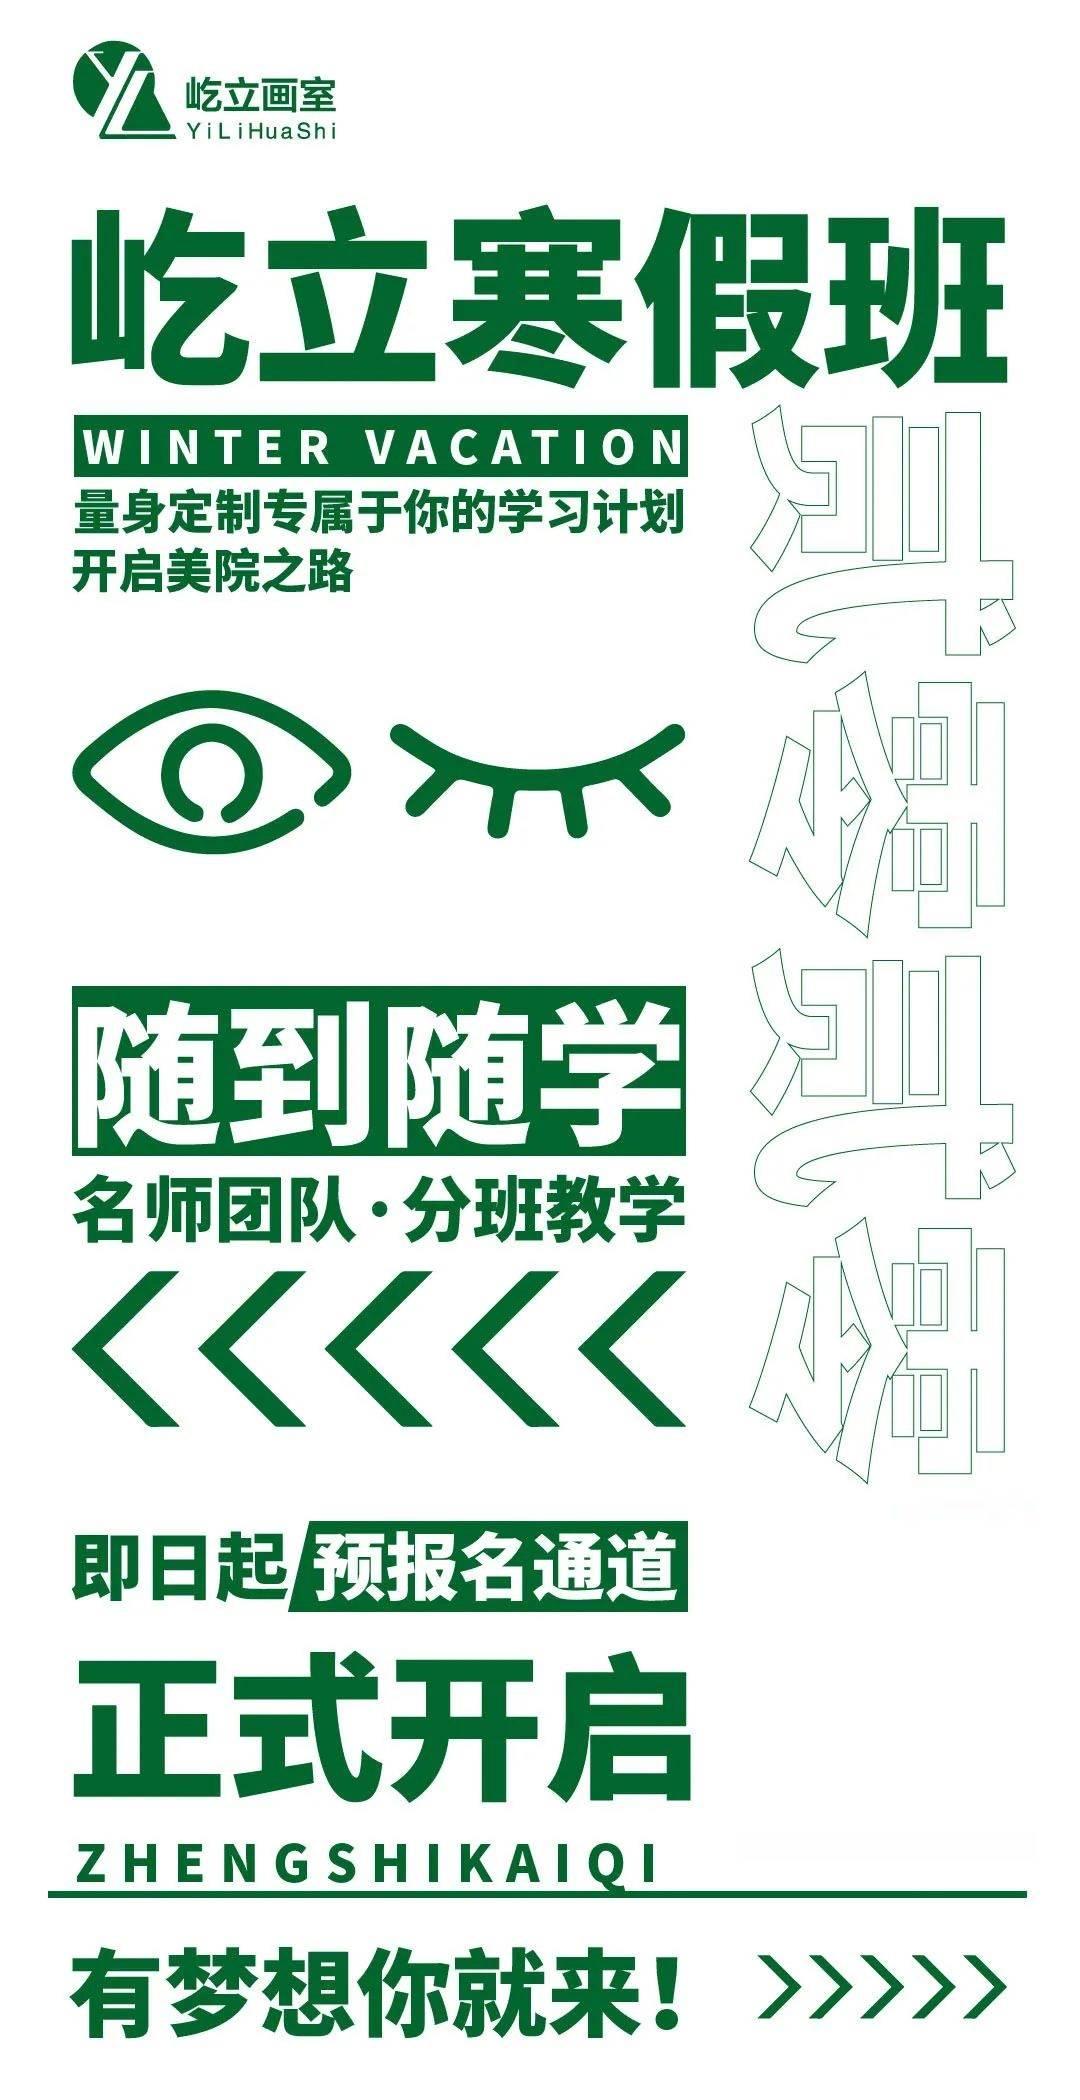 【北京清美屹立画室】寒假班招生|2020年屹立画室寒假班预报名通道正式开启!